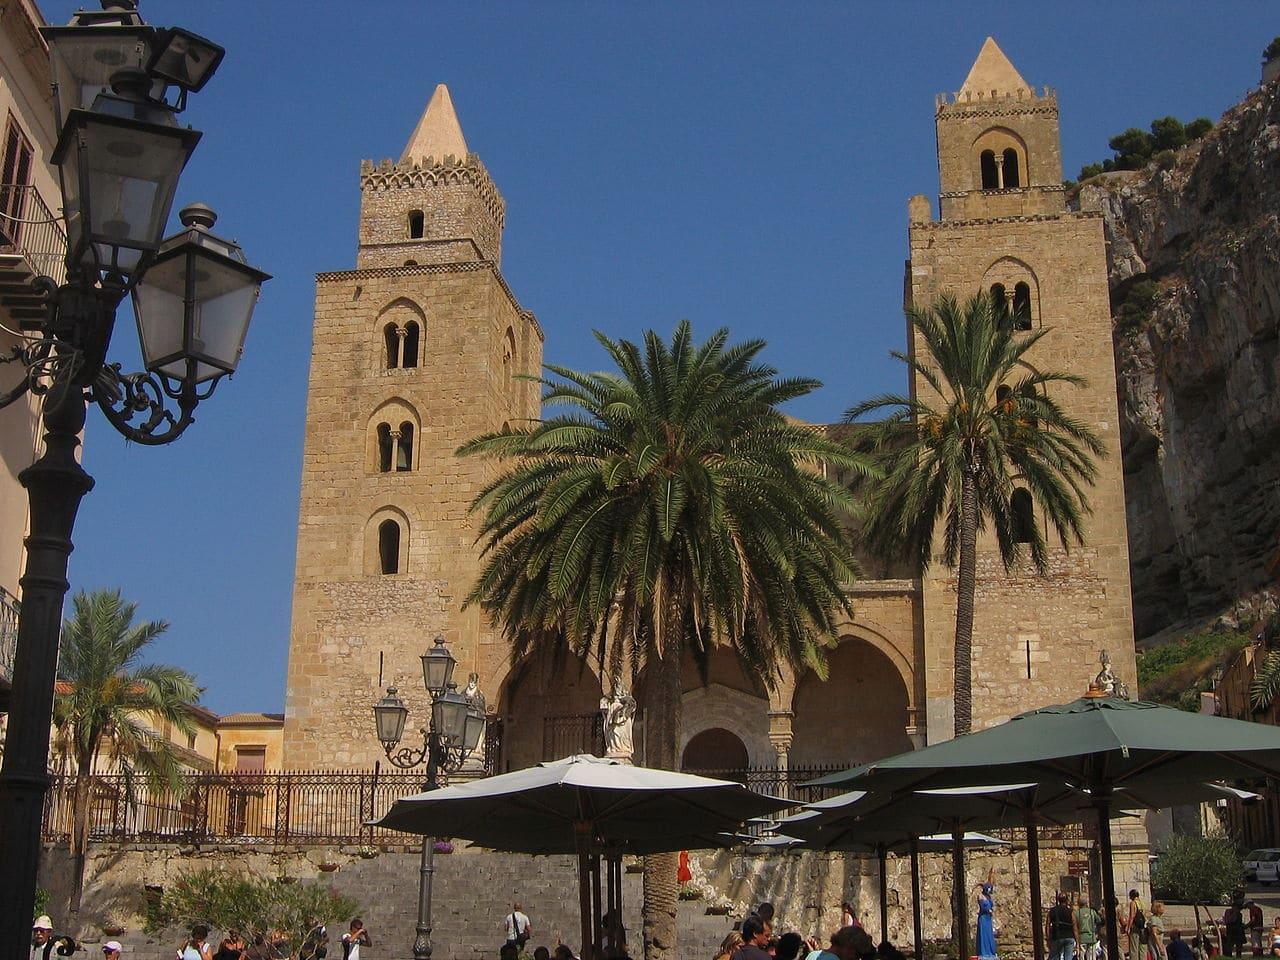 Imagen de la catedral de Cefalú